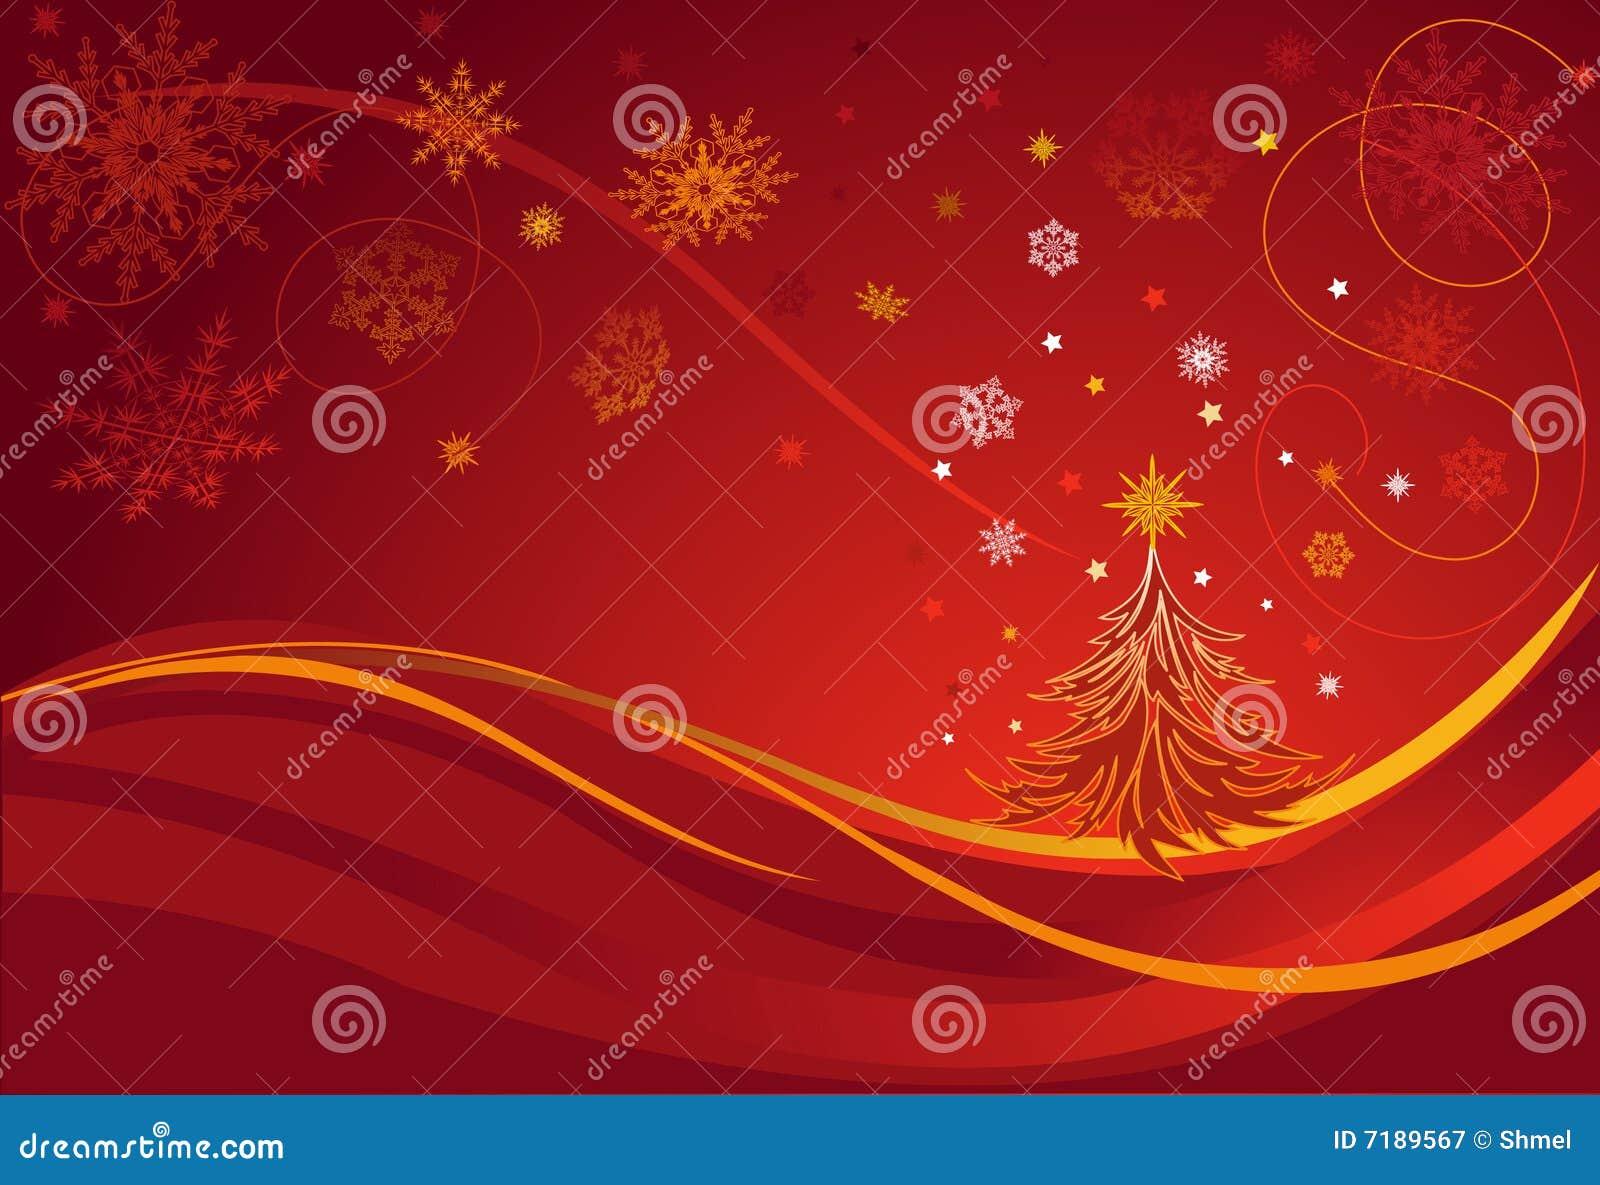 Czerwonego drzewa karciani tło boże narodzenia